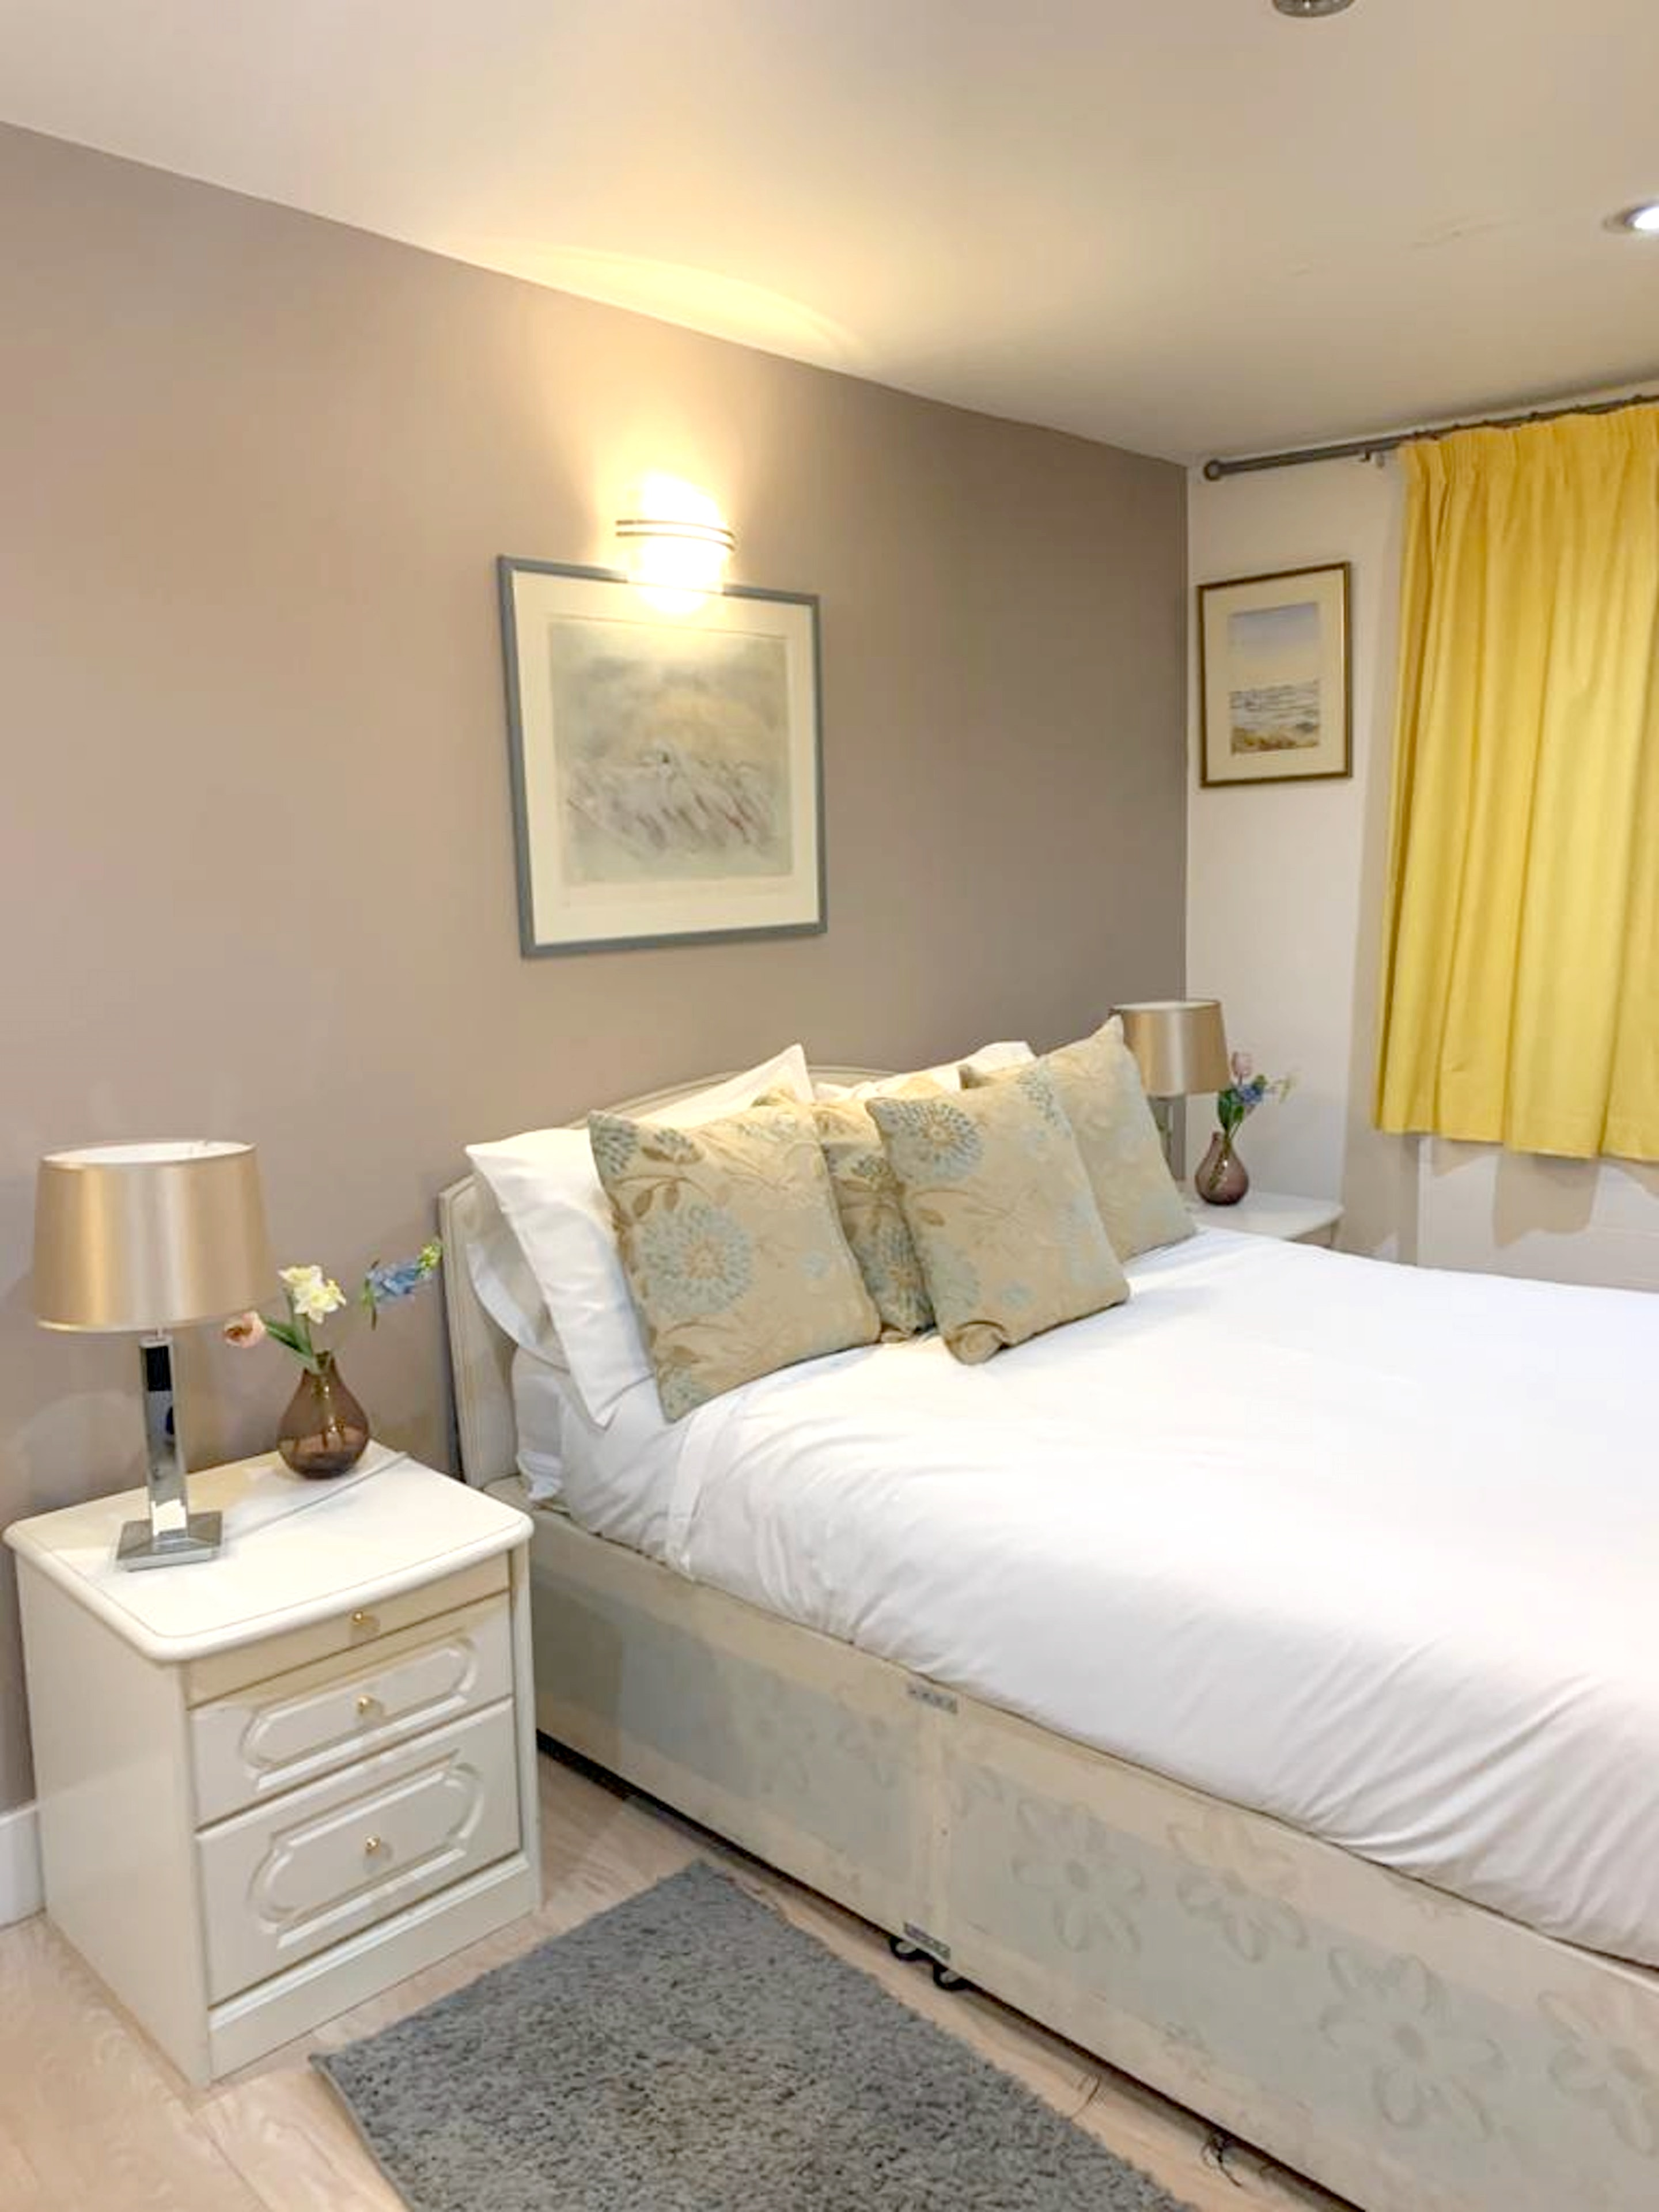 Wohnung mit 2 Schlafzimmern in Greater London mit schöner Aussicht auf die Stadt Balkon und W LAN